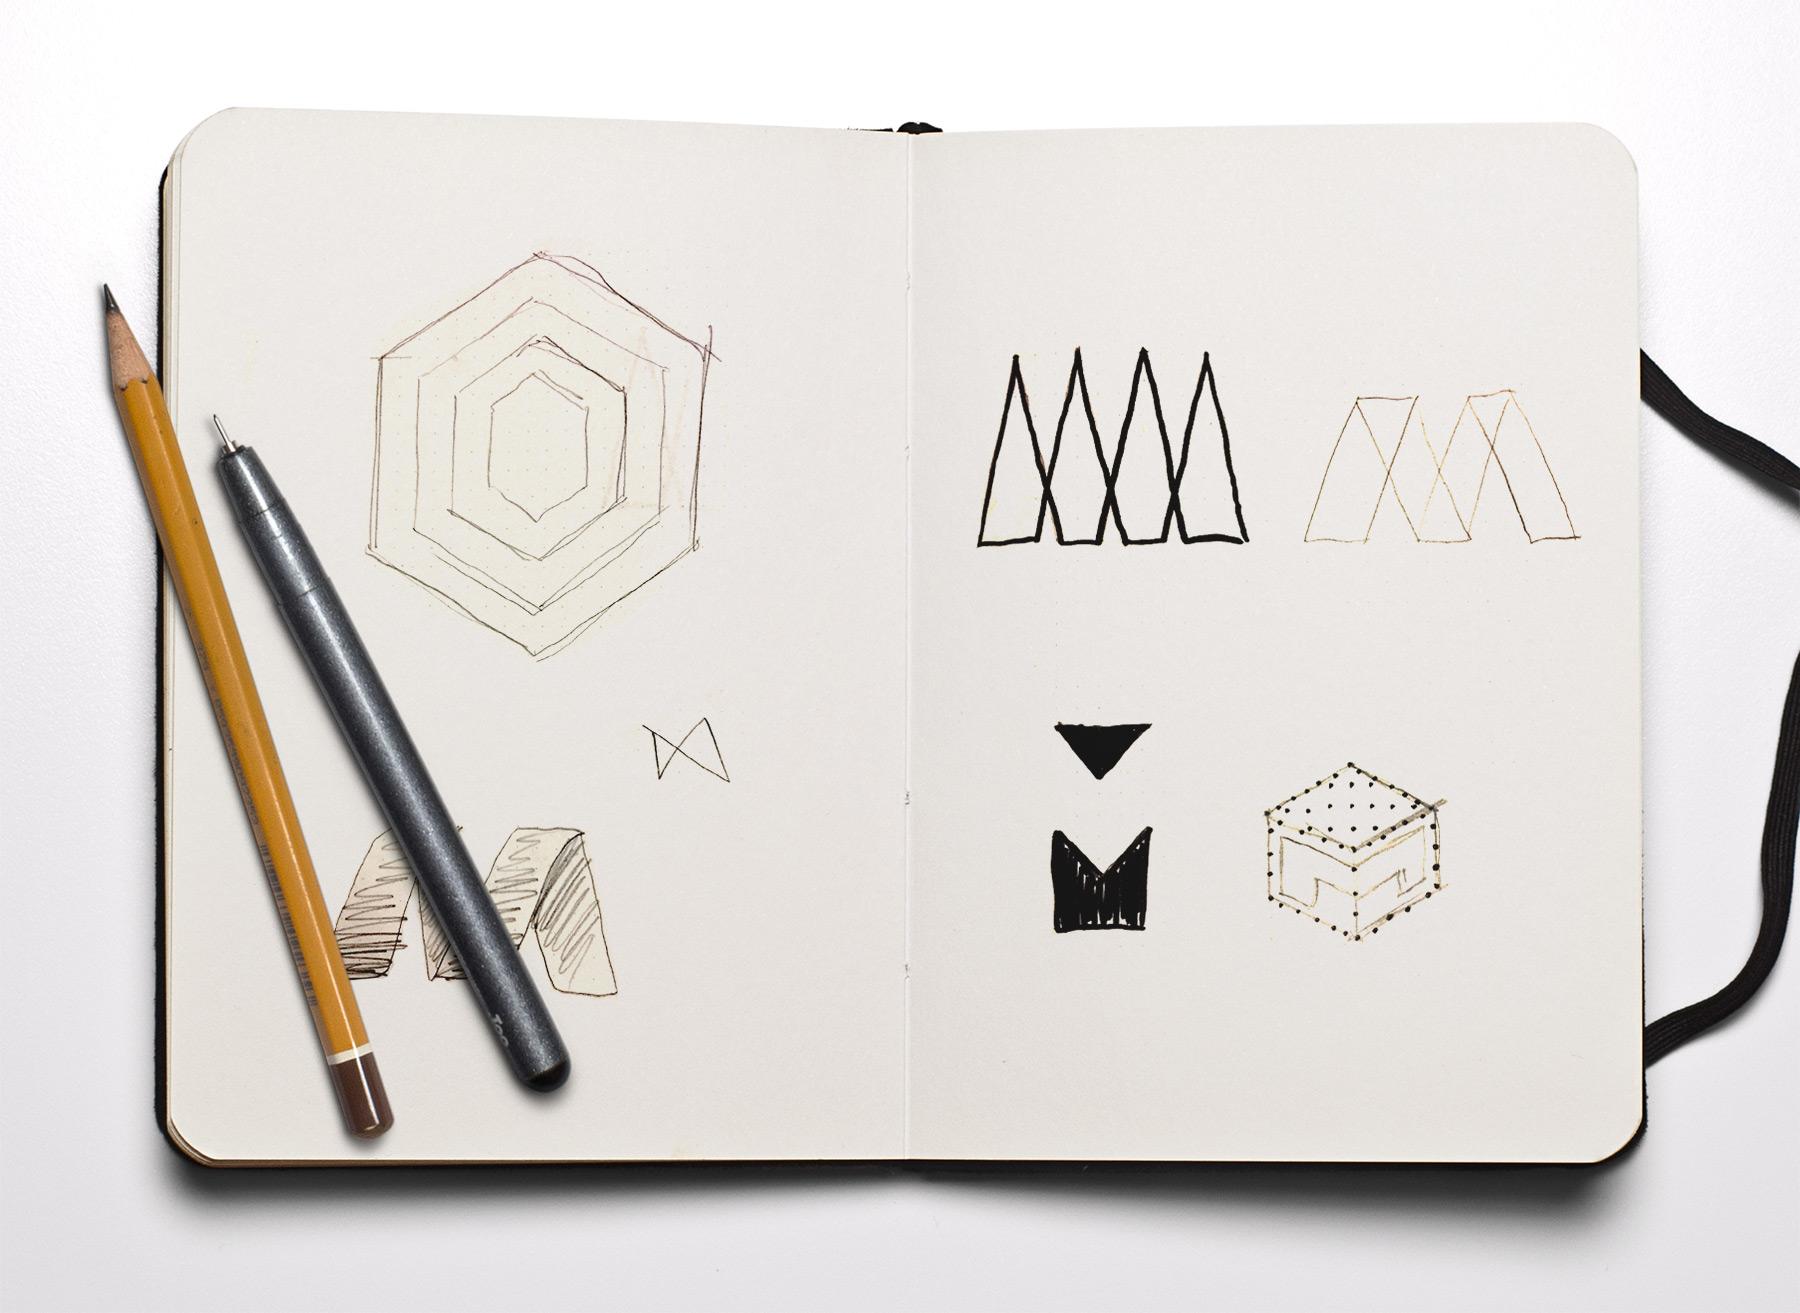 Moveshelf sketch